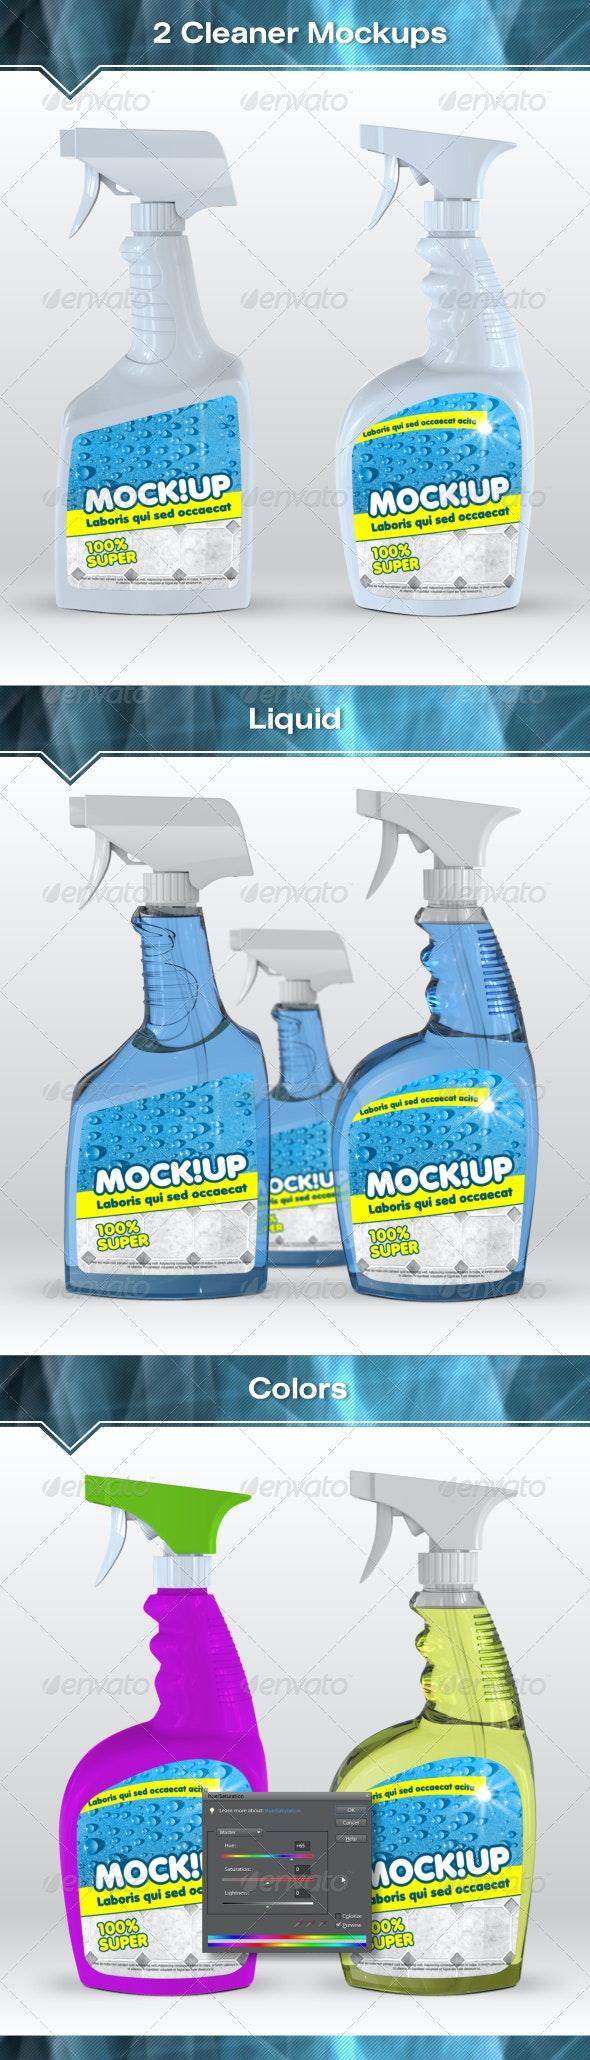 2 Cleanser Bottle Mockups - Packaging Product Mock-Ups